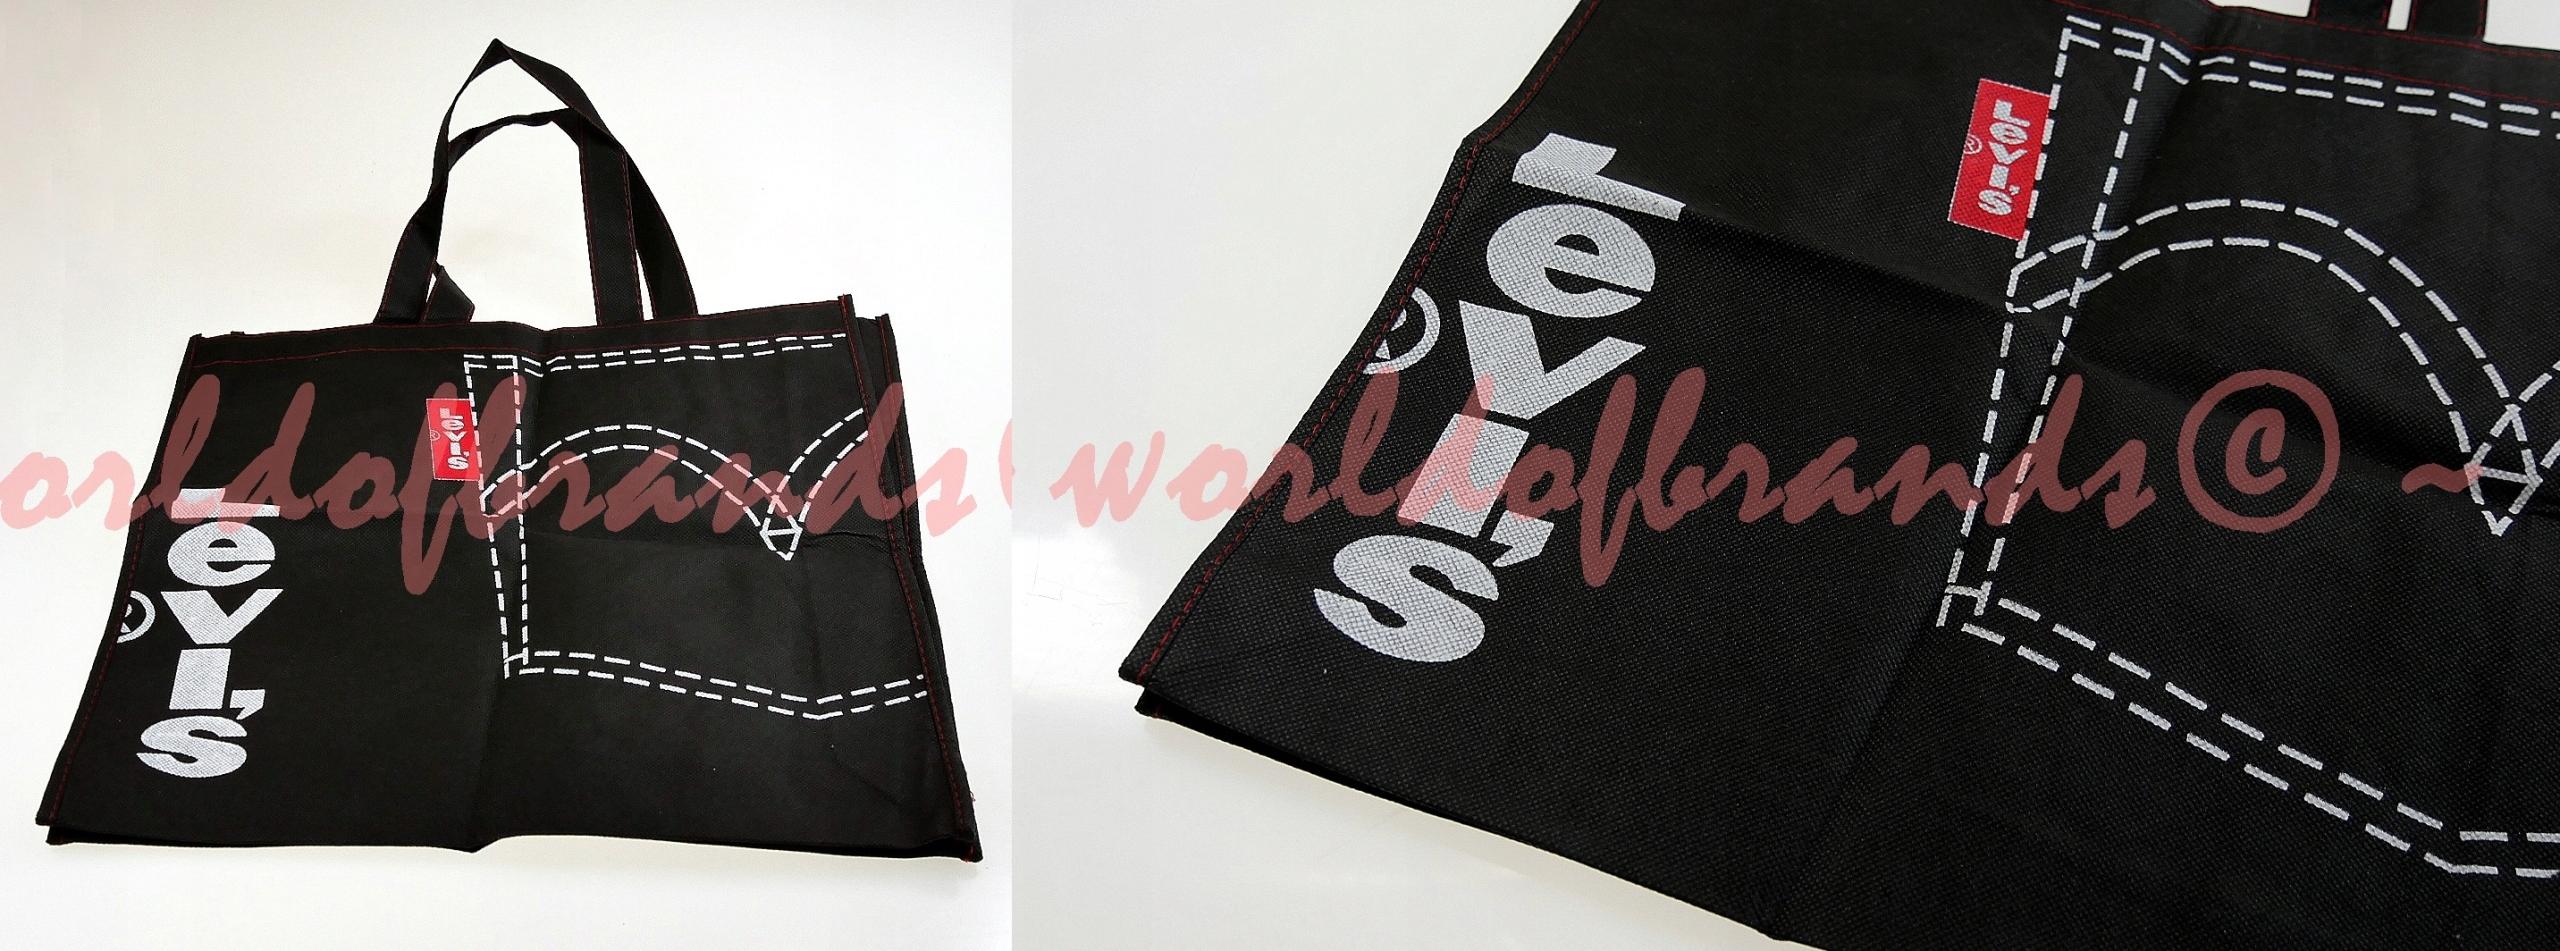 Vrecová taška s retro kabelkou LEVIS LEVI A4